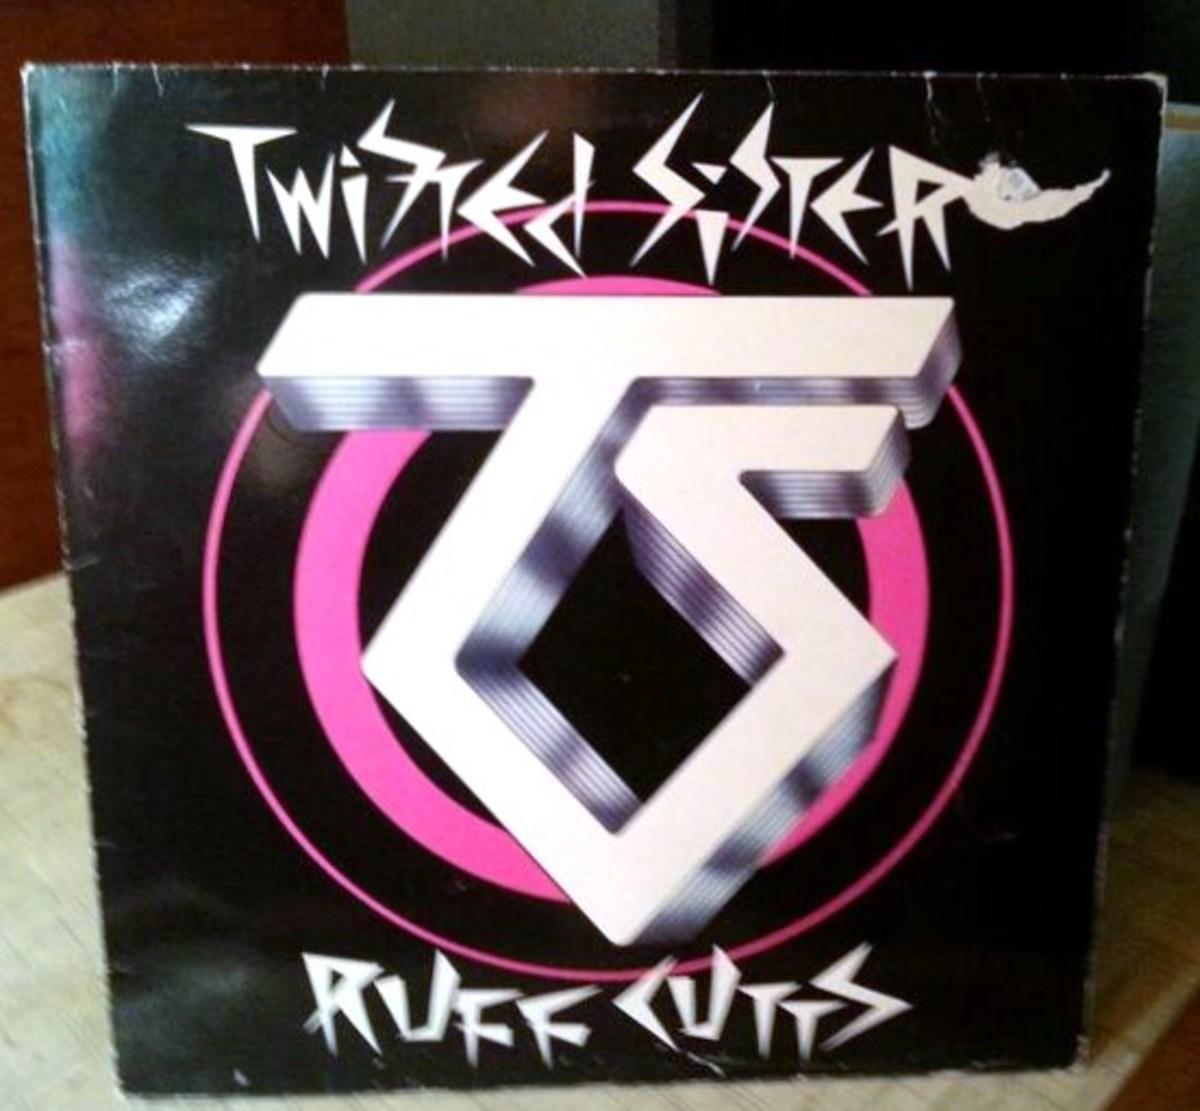 RUFF CUTTS EP (1982)